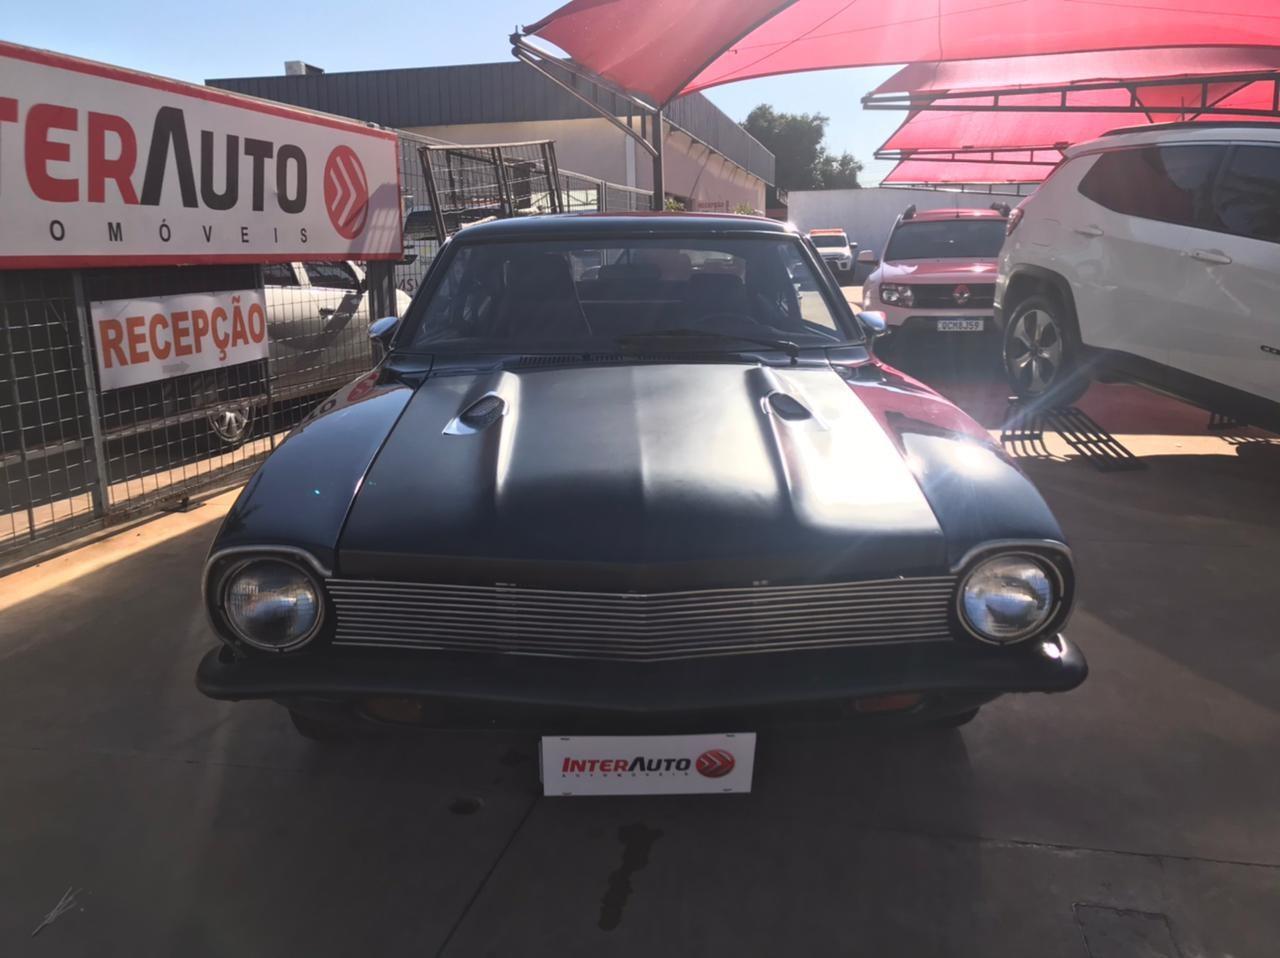 //www.autoline.com.br/carro/ford/maverick-super-luxo-coupe-v8-16v-gasolina-2p-manual/1974/campo-grande-ms/15513673